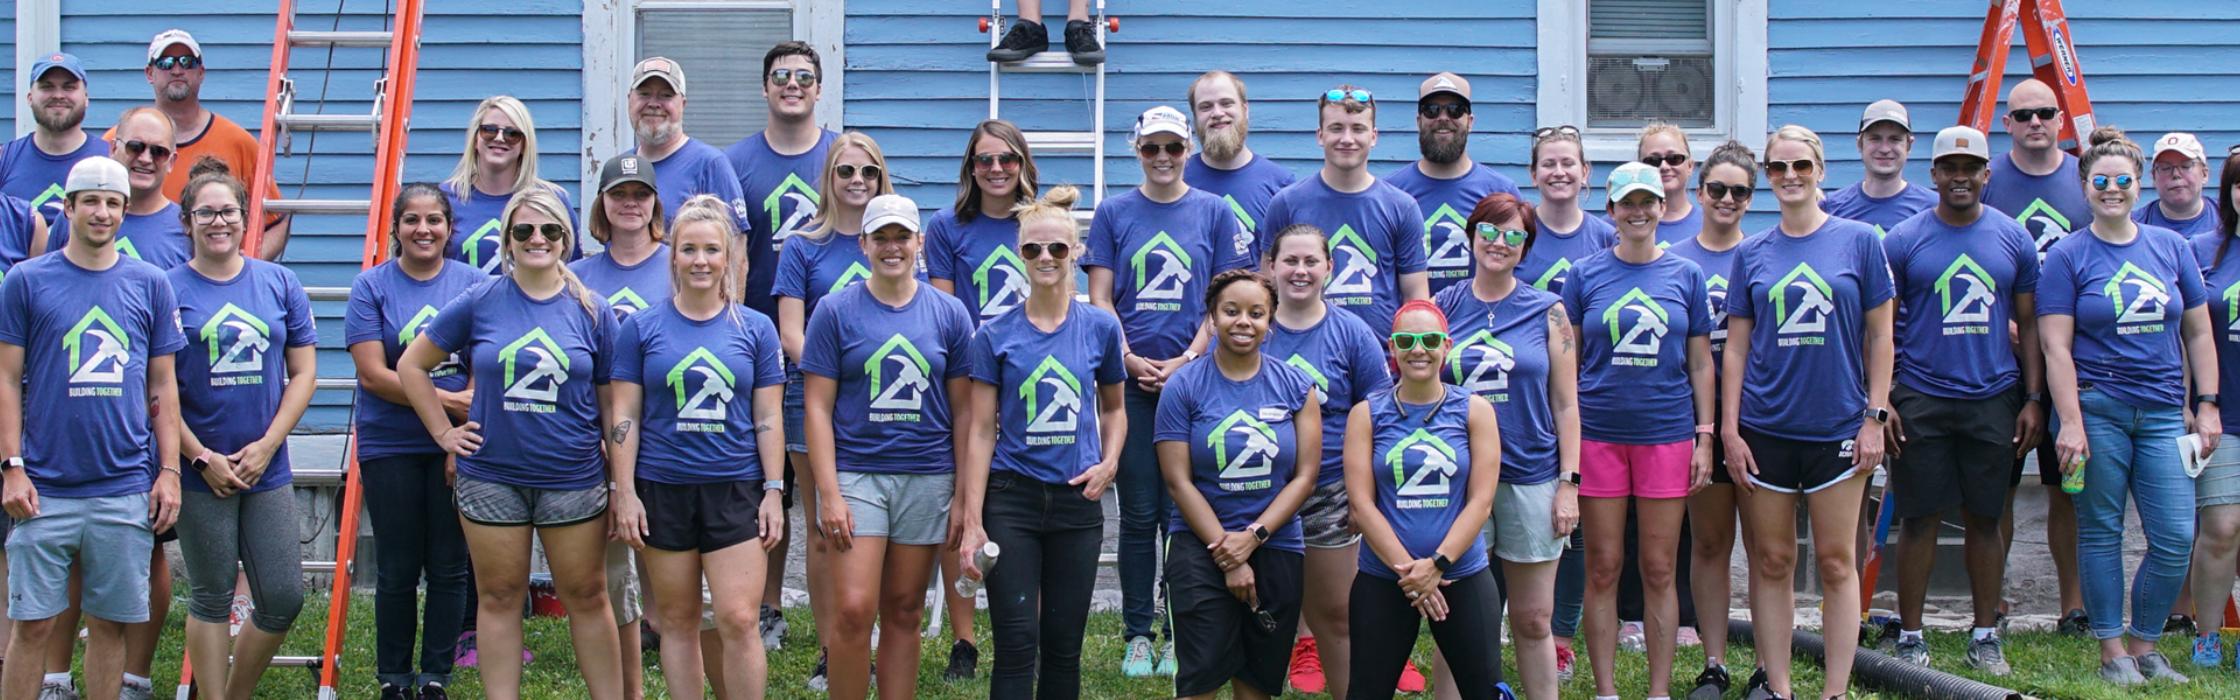 Ash Brokerage Team Volunteering with Neighborlink Fort Wayne 2